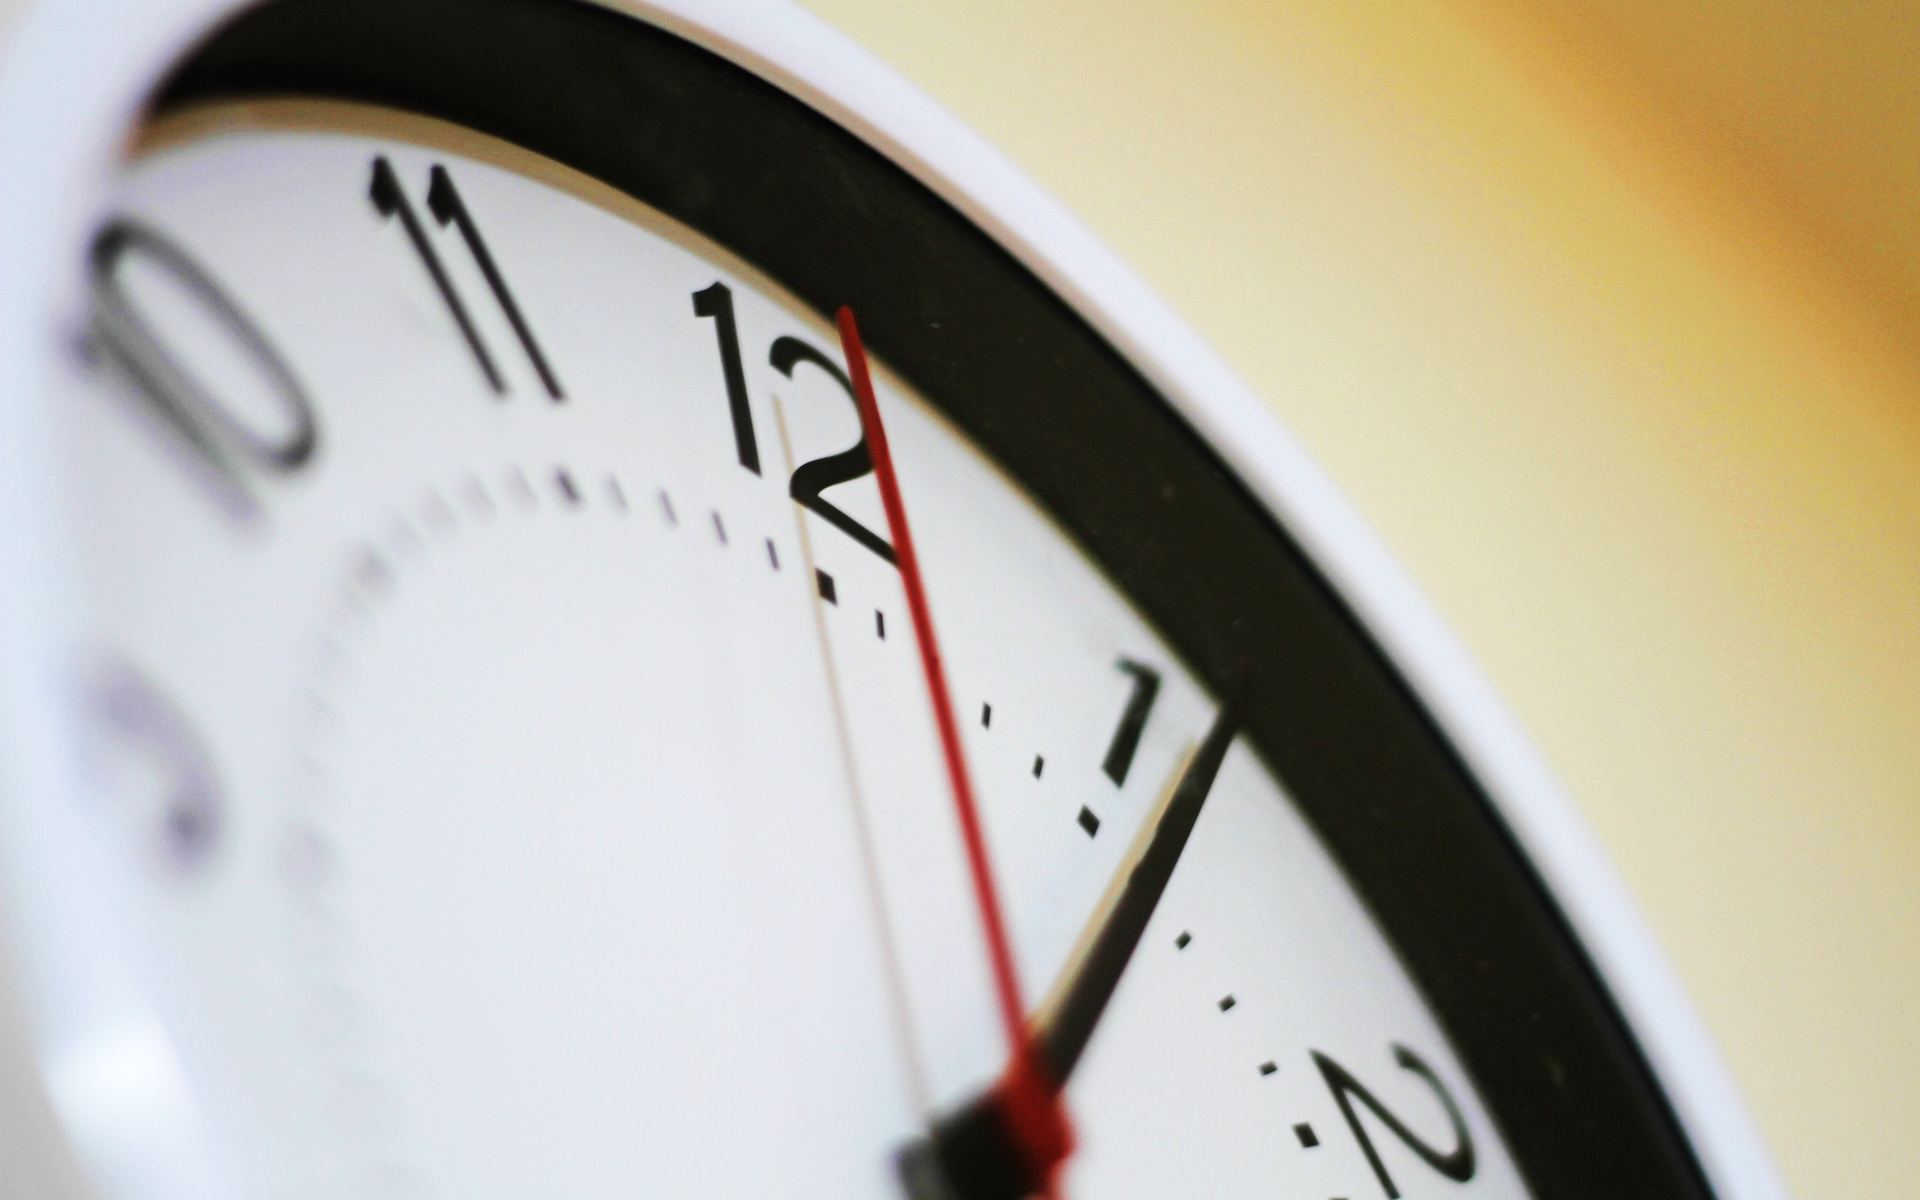 le parlement europ en a vot la fin du changement d 39 heure pour 2021 sciences numerama. Black Bedroom Furniture Sets. Home Design Ideas